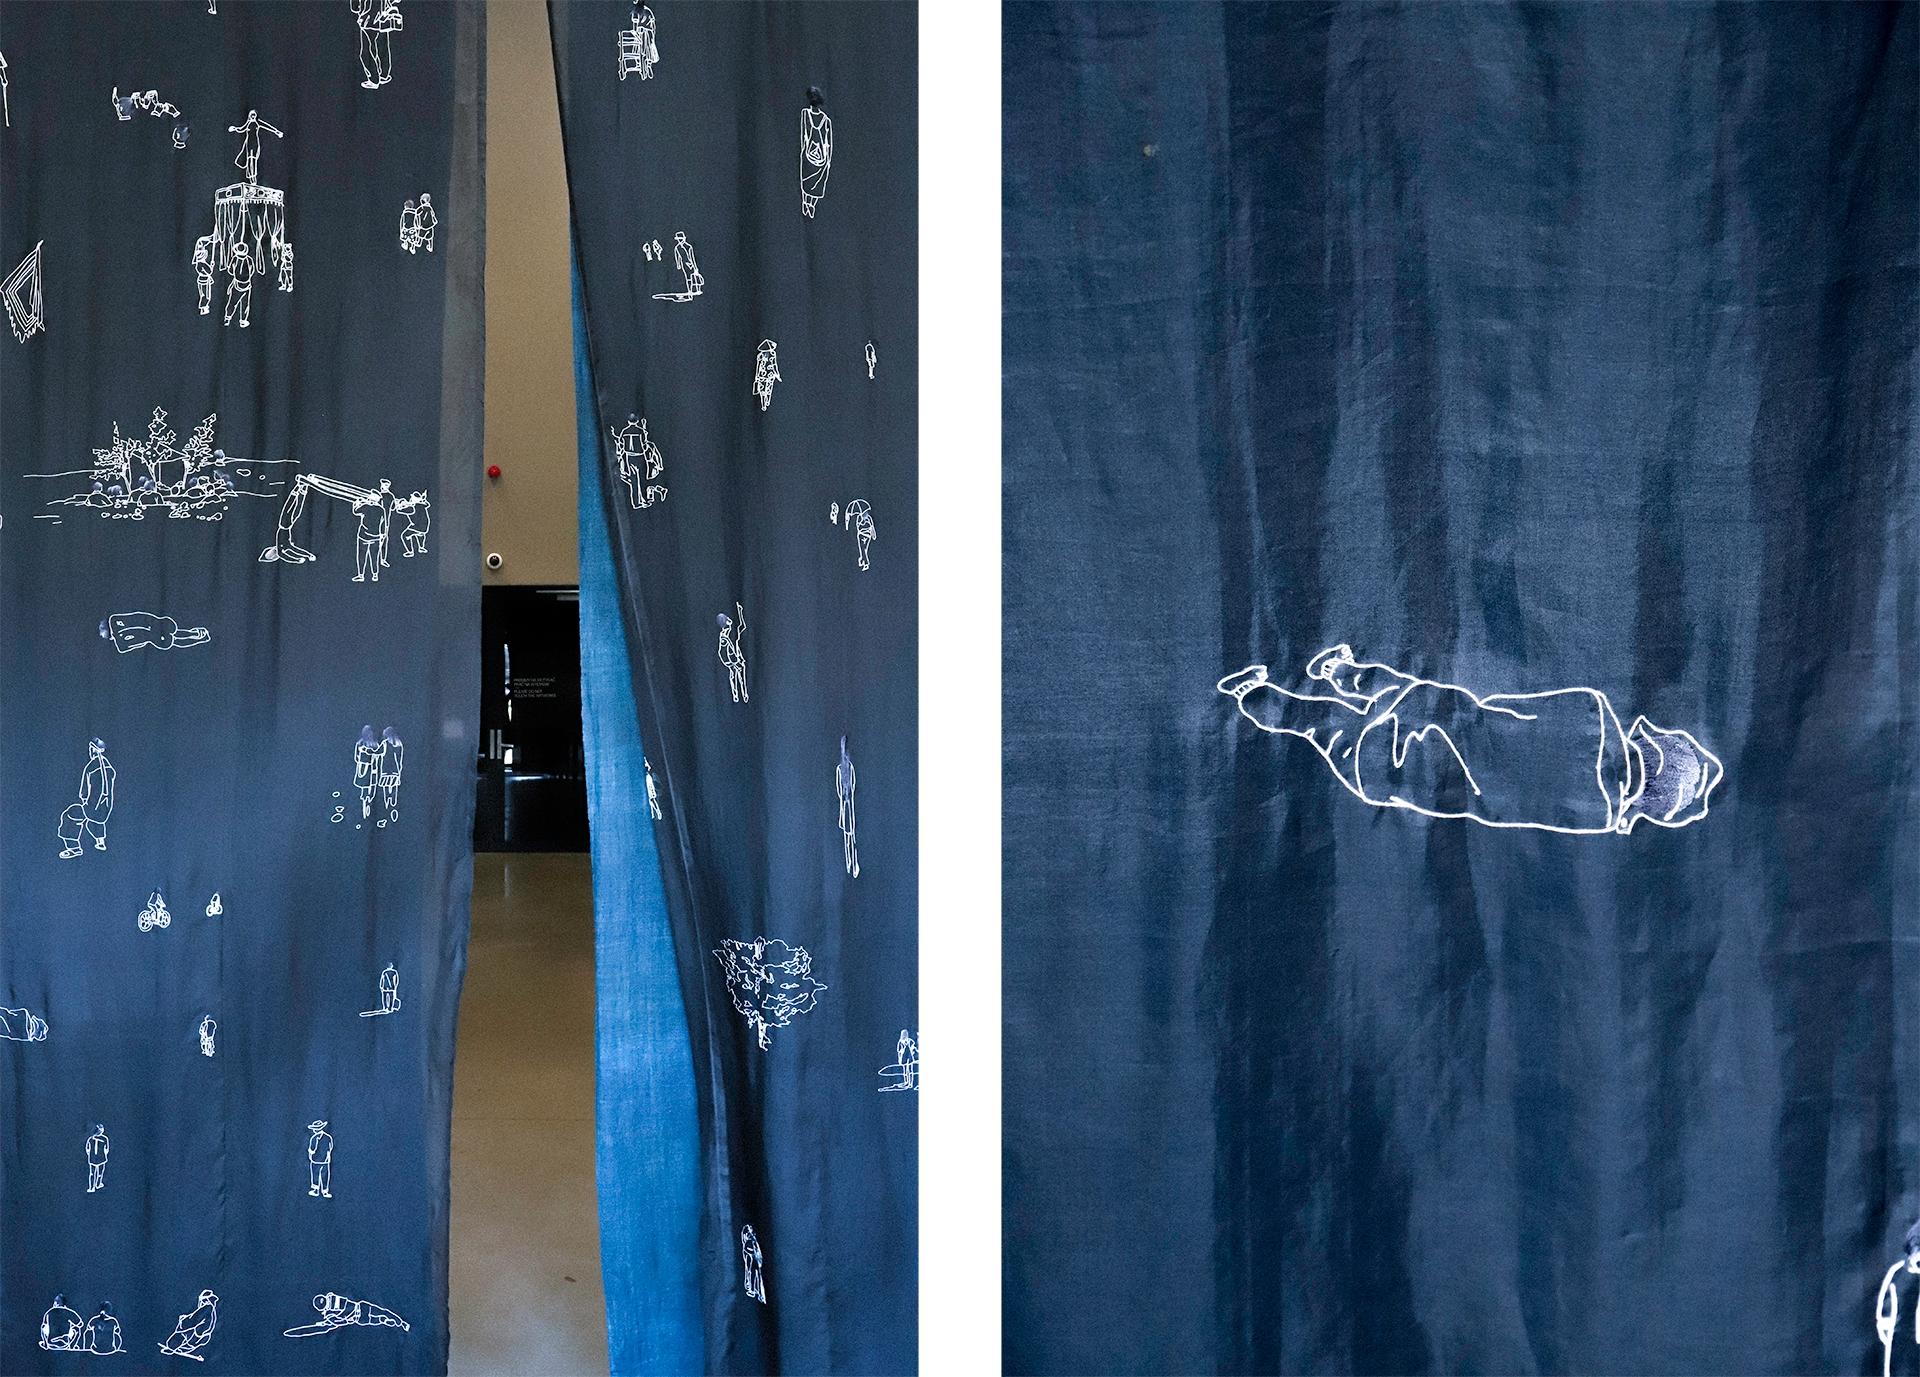 Obraz przedstawia dwa zdjęcia niebieskiej zasłony z białymi haftami.